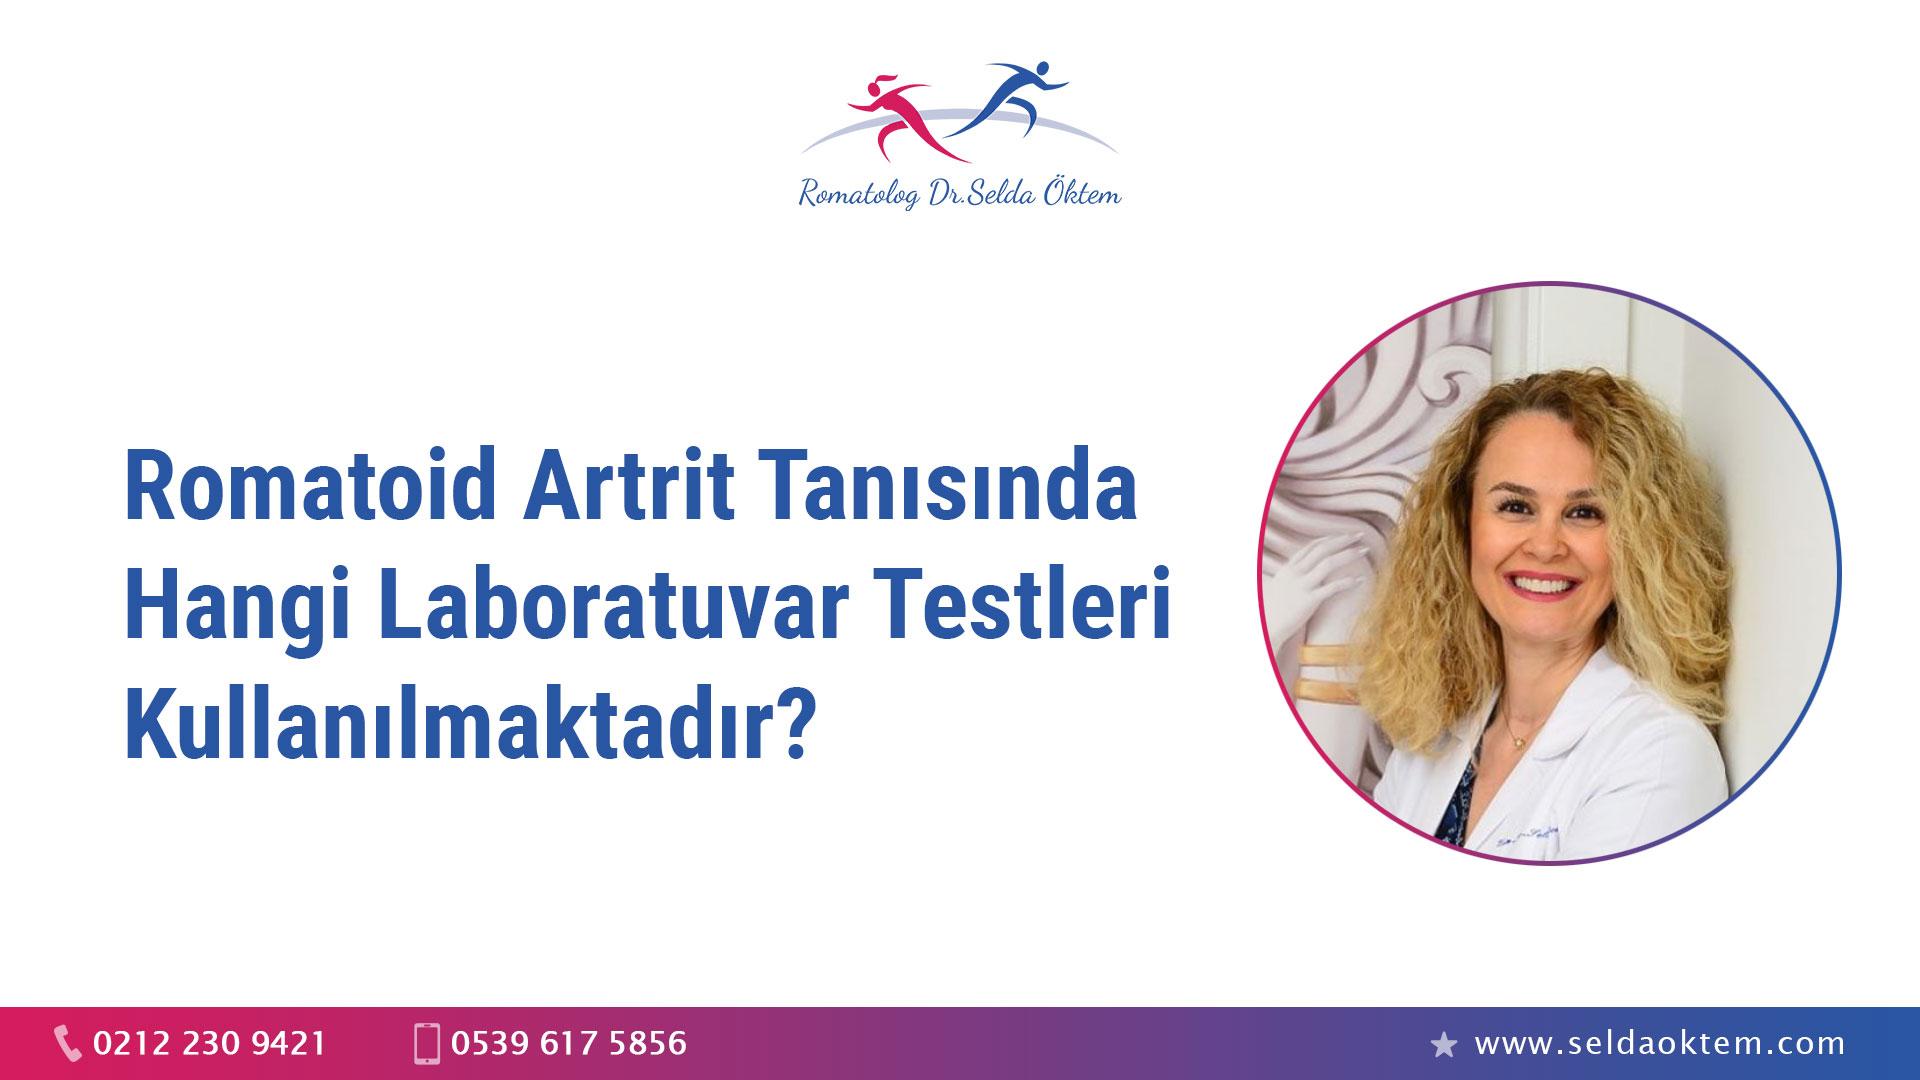 Romatoid Artrit Tanısında Hangi Laboratuvar Testleri Kullanılmaktadır?